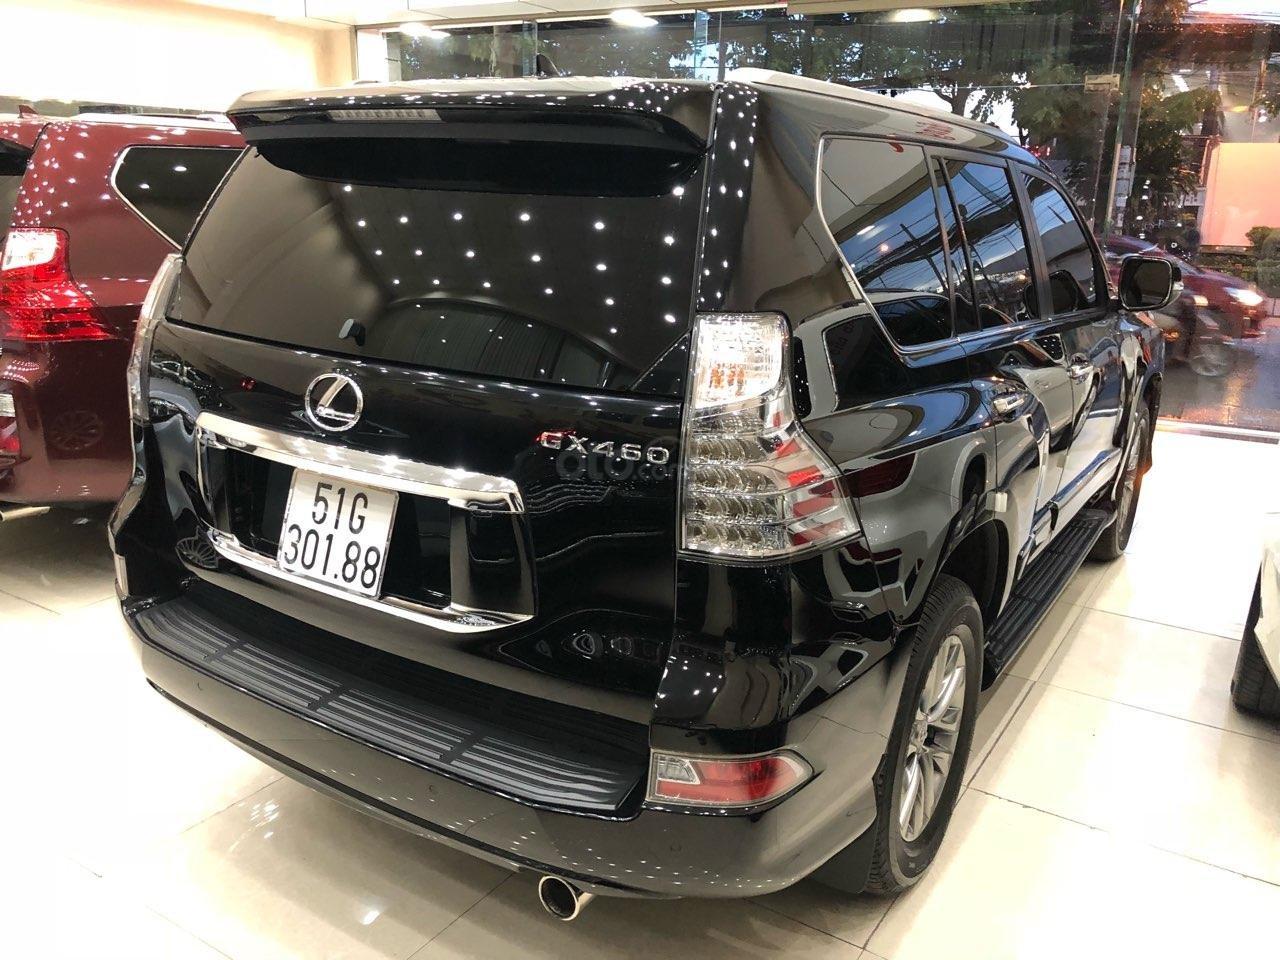 Cần bán Lexus GX460 sản xuất 2016, màu đen, nhập khẩu (5)